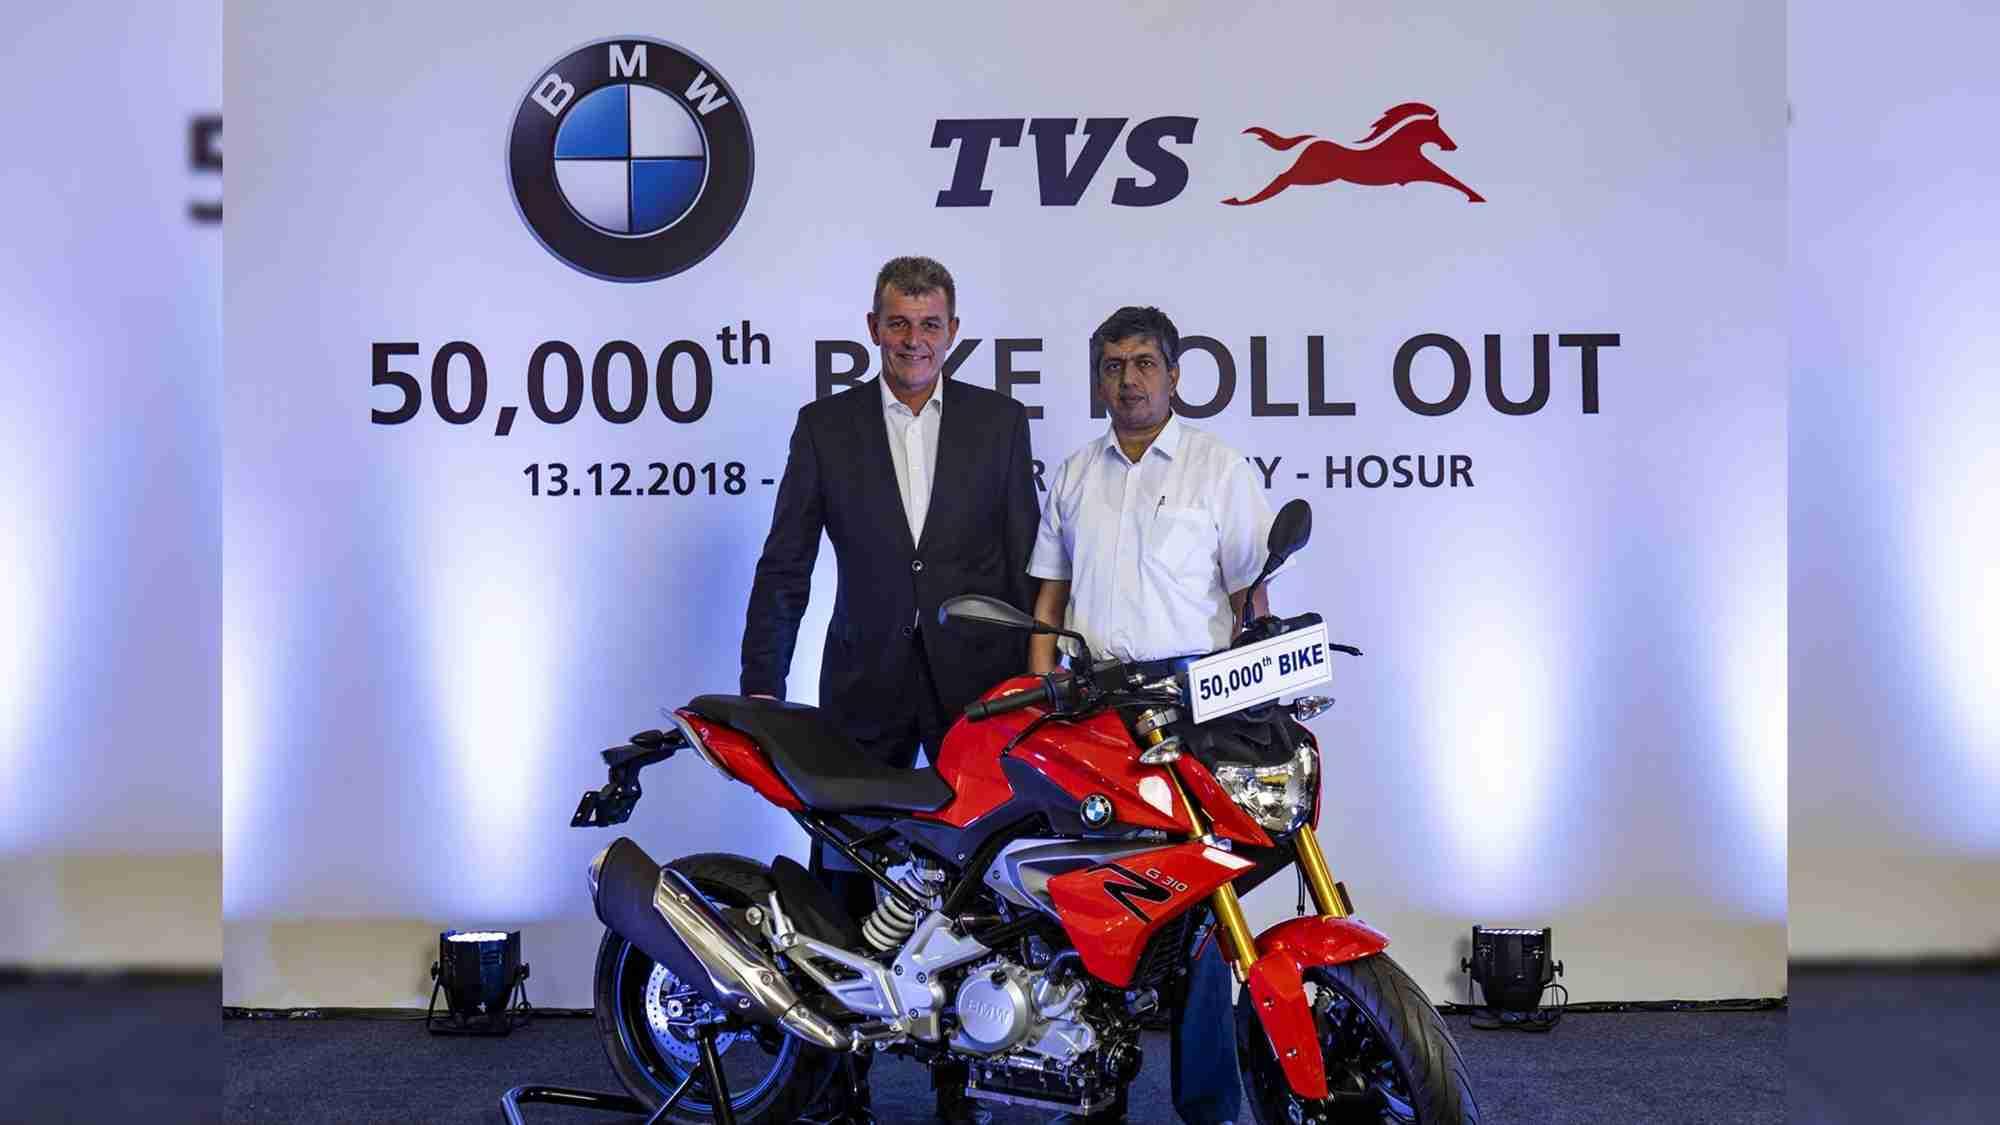 Dr. Markus Schramm and Mr. KNR Radhakrishnan - 50000 roll out BMW G310